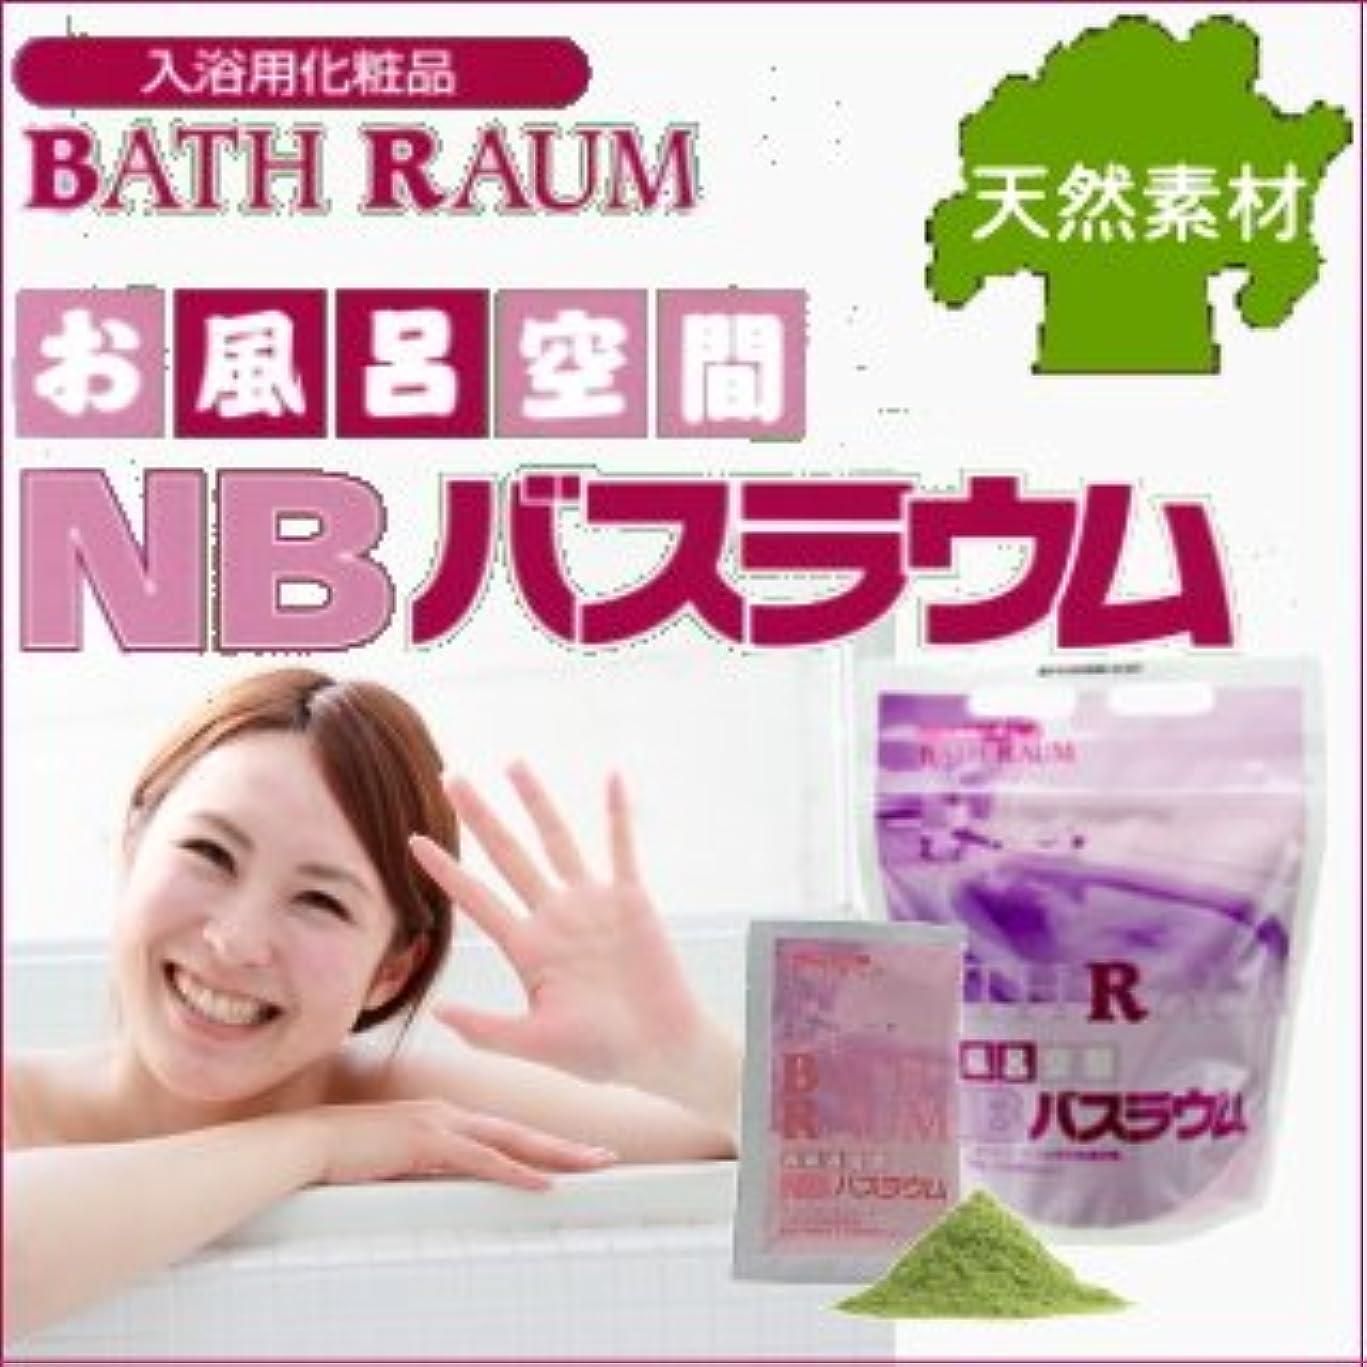 財産知恵大入浴用化粧品バスラウム 徳用1袋 約1ヶ月分(1.5Kg×1袋)